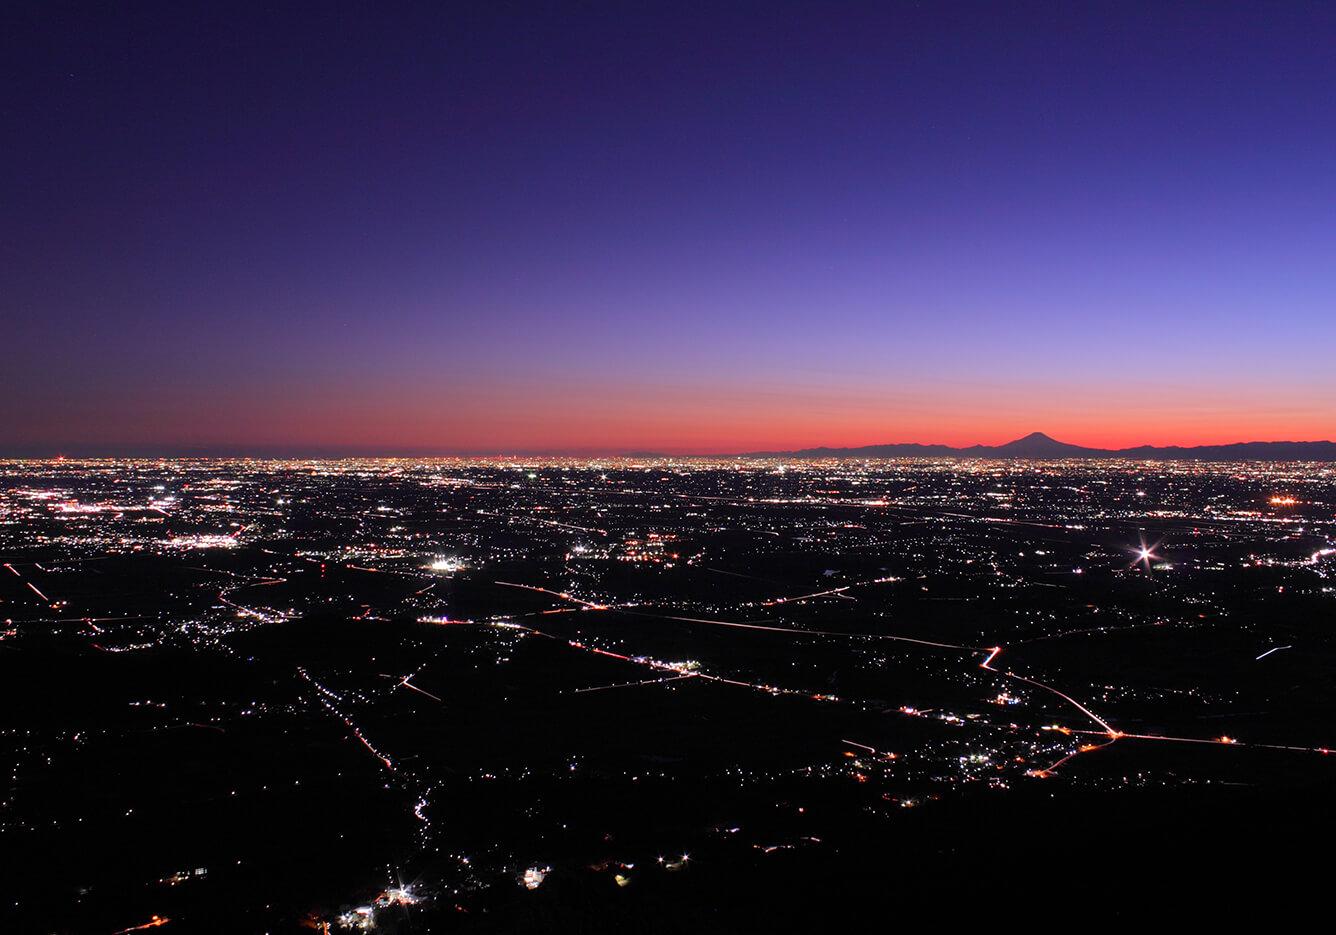 4. Cảnh đêm mà cũng được ghi nhận vào danh sách Di sản ư? Thưởng thức cảnh khuya nhìn từ núi Tsukuba/Tsukuba-shi